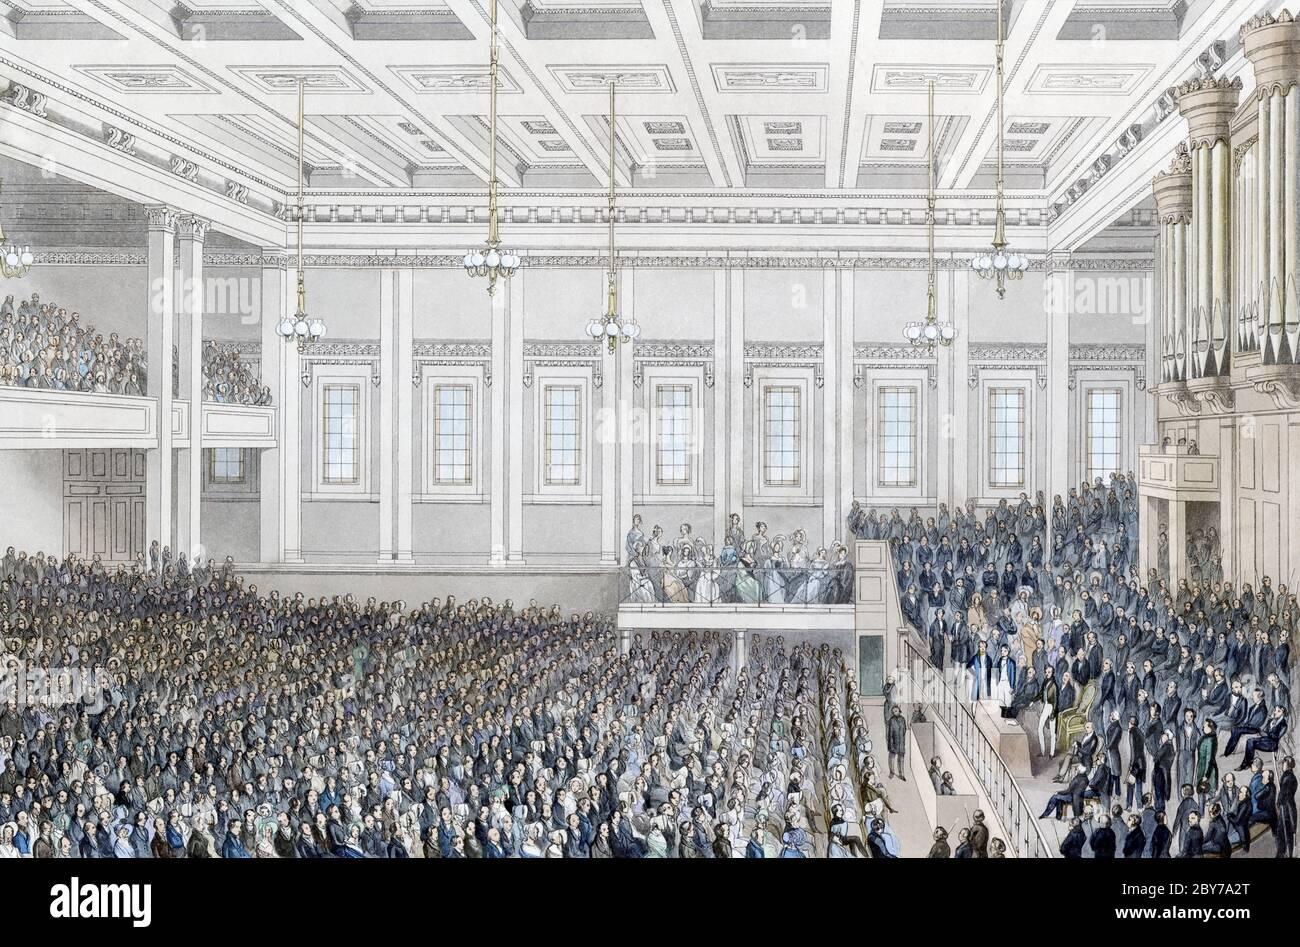 Der vollständige Titel unter dem Bild dieses Londoner Anti-Sklaverei-Treffens lautet: Treffen der Gesellschaft für die Auslöschung des Sklavenhandels und für die Zivilisation Afrikas; am 1. Juni 1840 in der Exeter Hall: Seine Königliche Hoheit Prinz Albert, der Präsident, präsidierte. Aus einem Stich von James Harris nach einem Werk von S. Blunt, erschienen in London 1840 Stockfoto